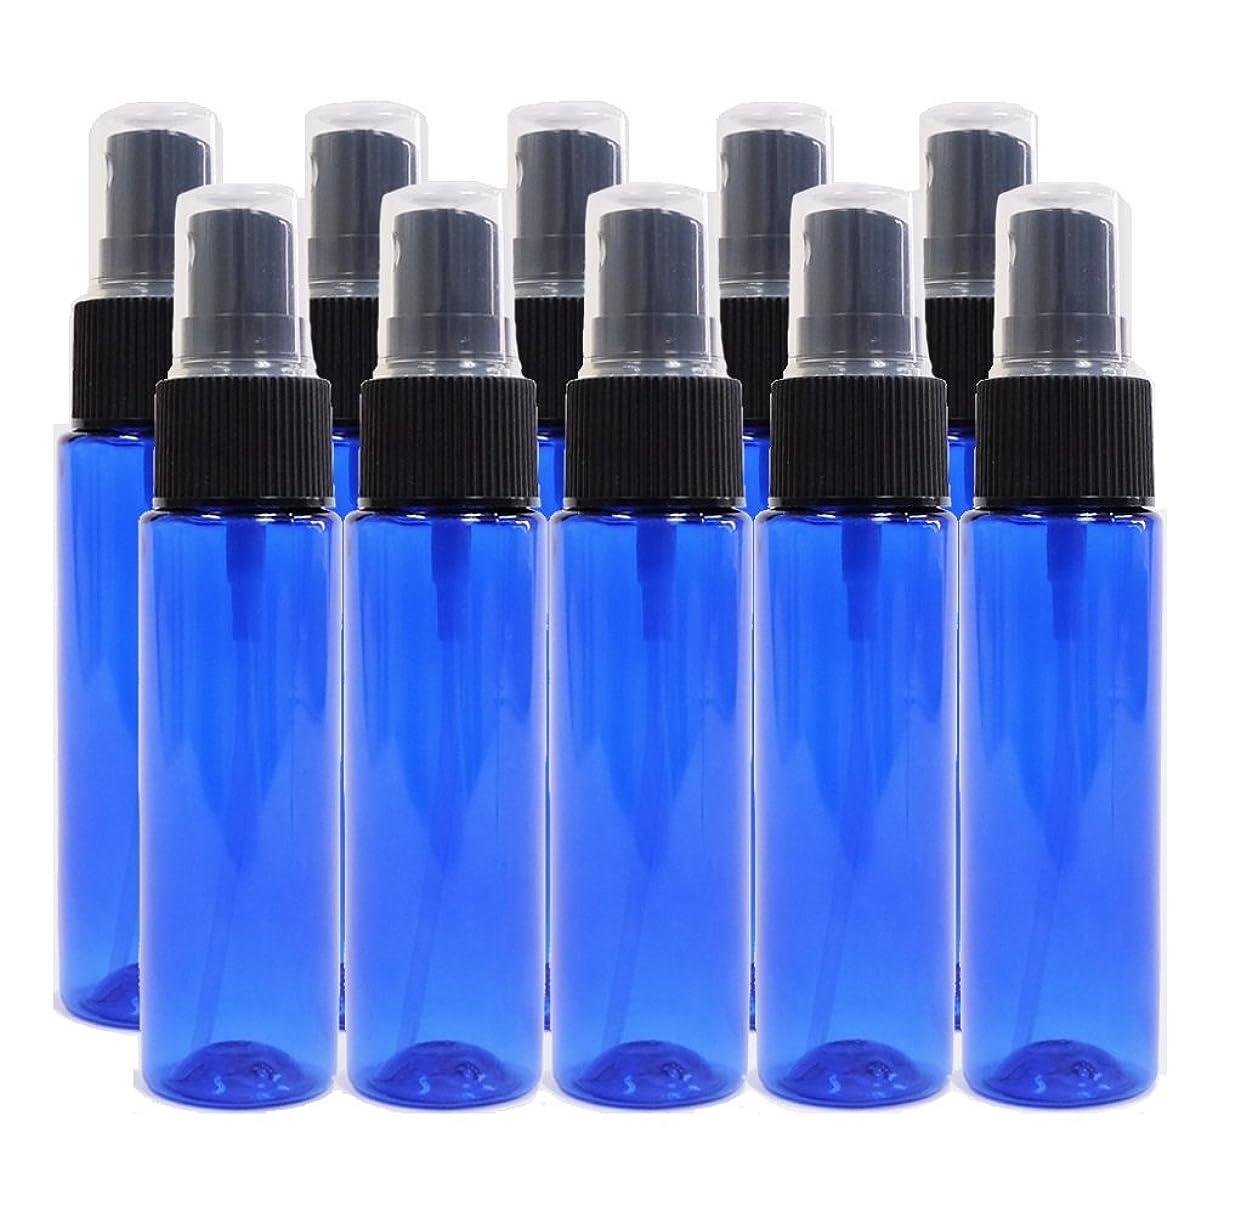 同化ペア衝撃ease 保存容器 スプレータイプ プラスチック 青色 30ml×10本